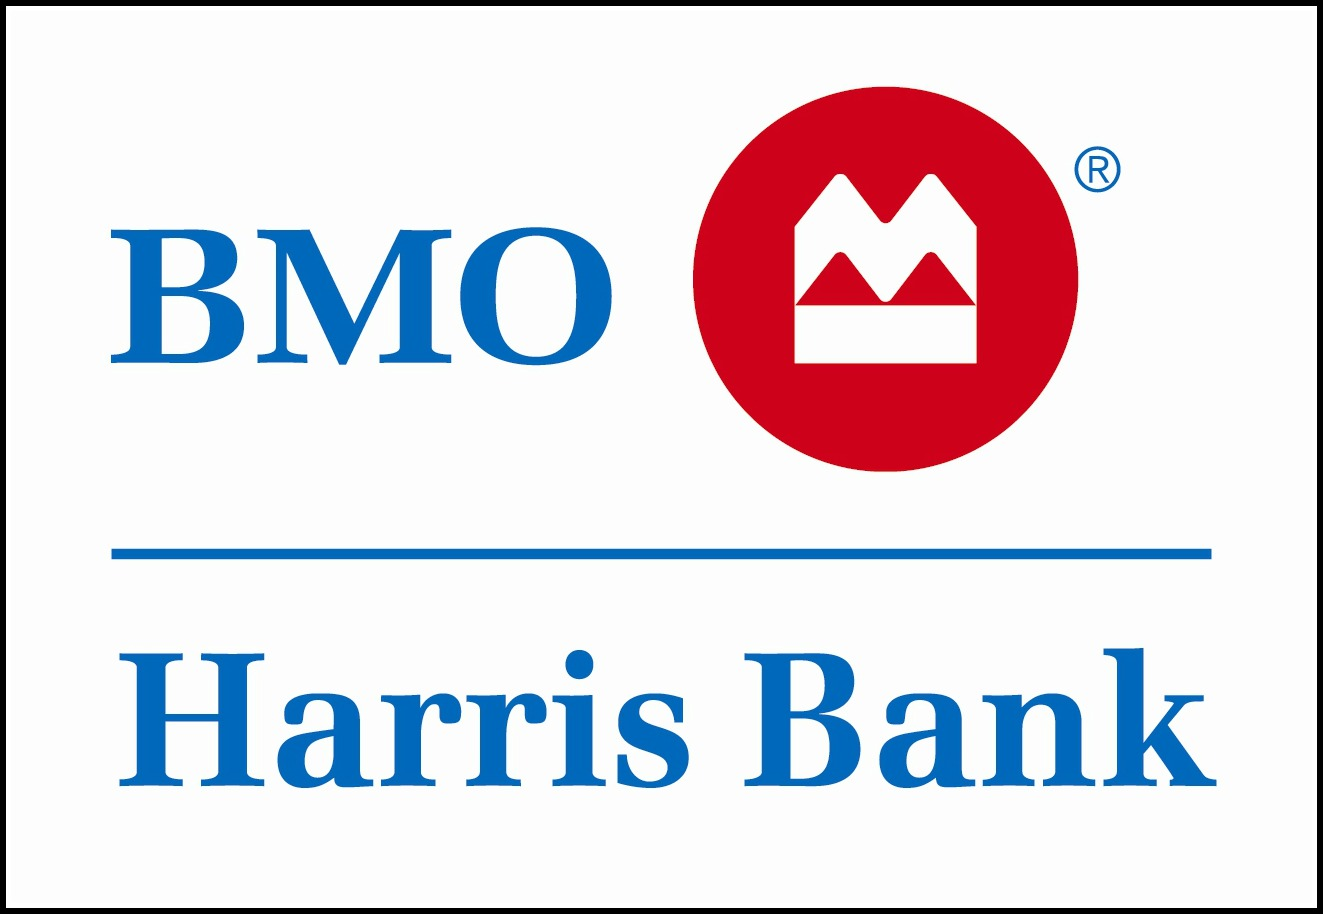 BMO-Harris-Bank1.jpg